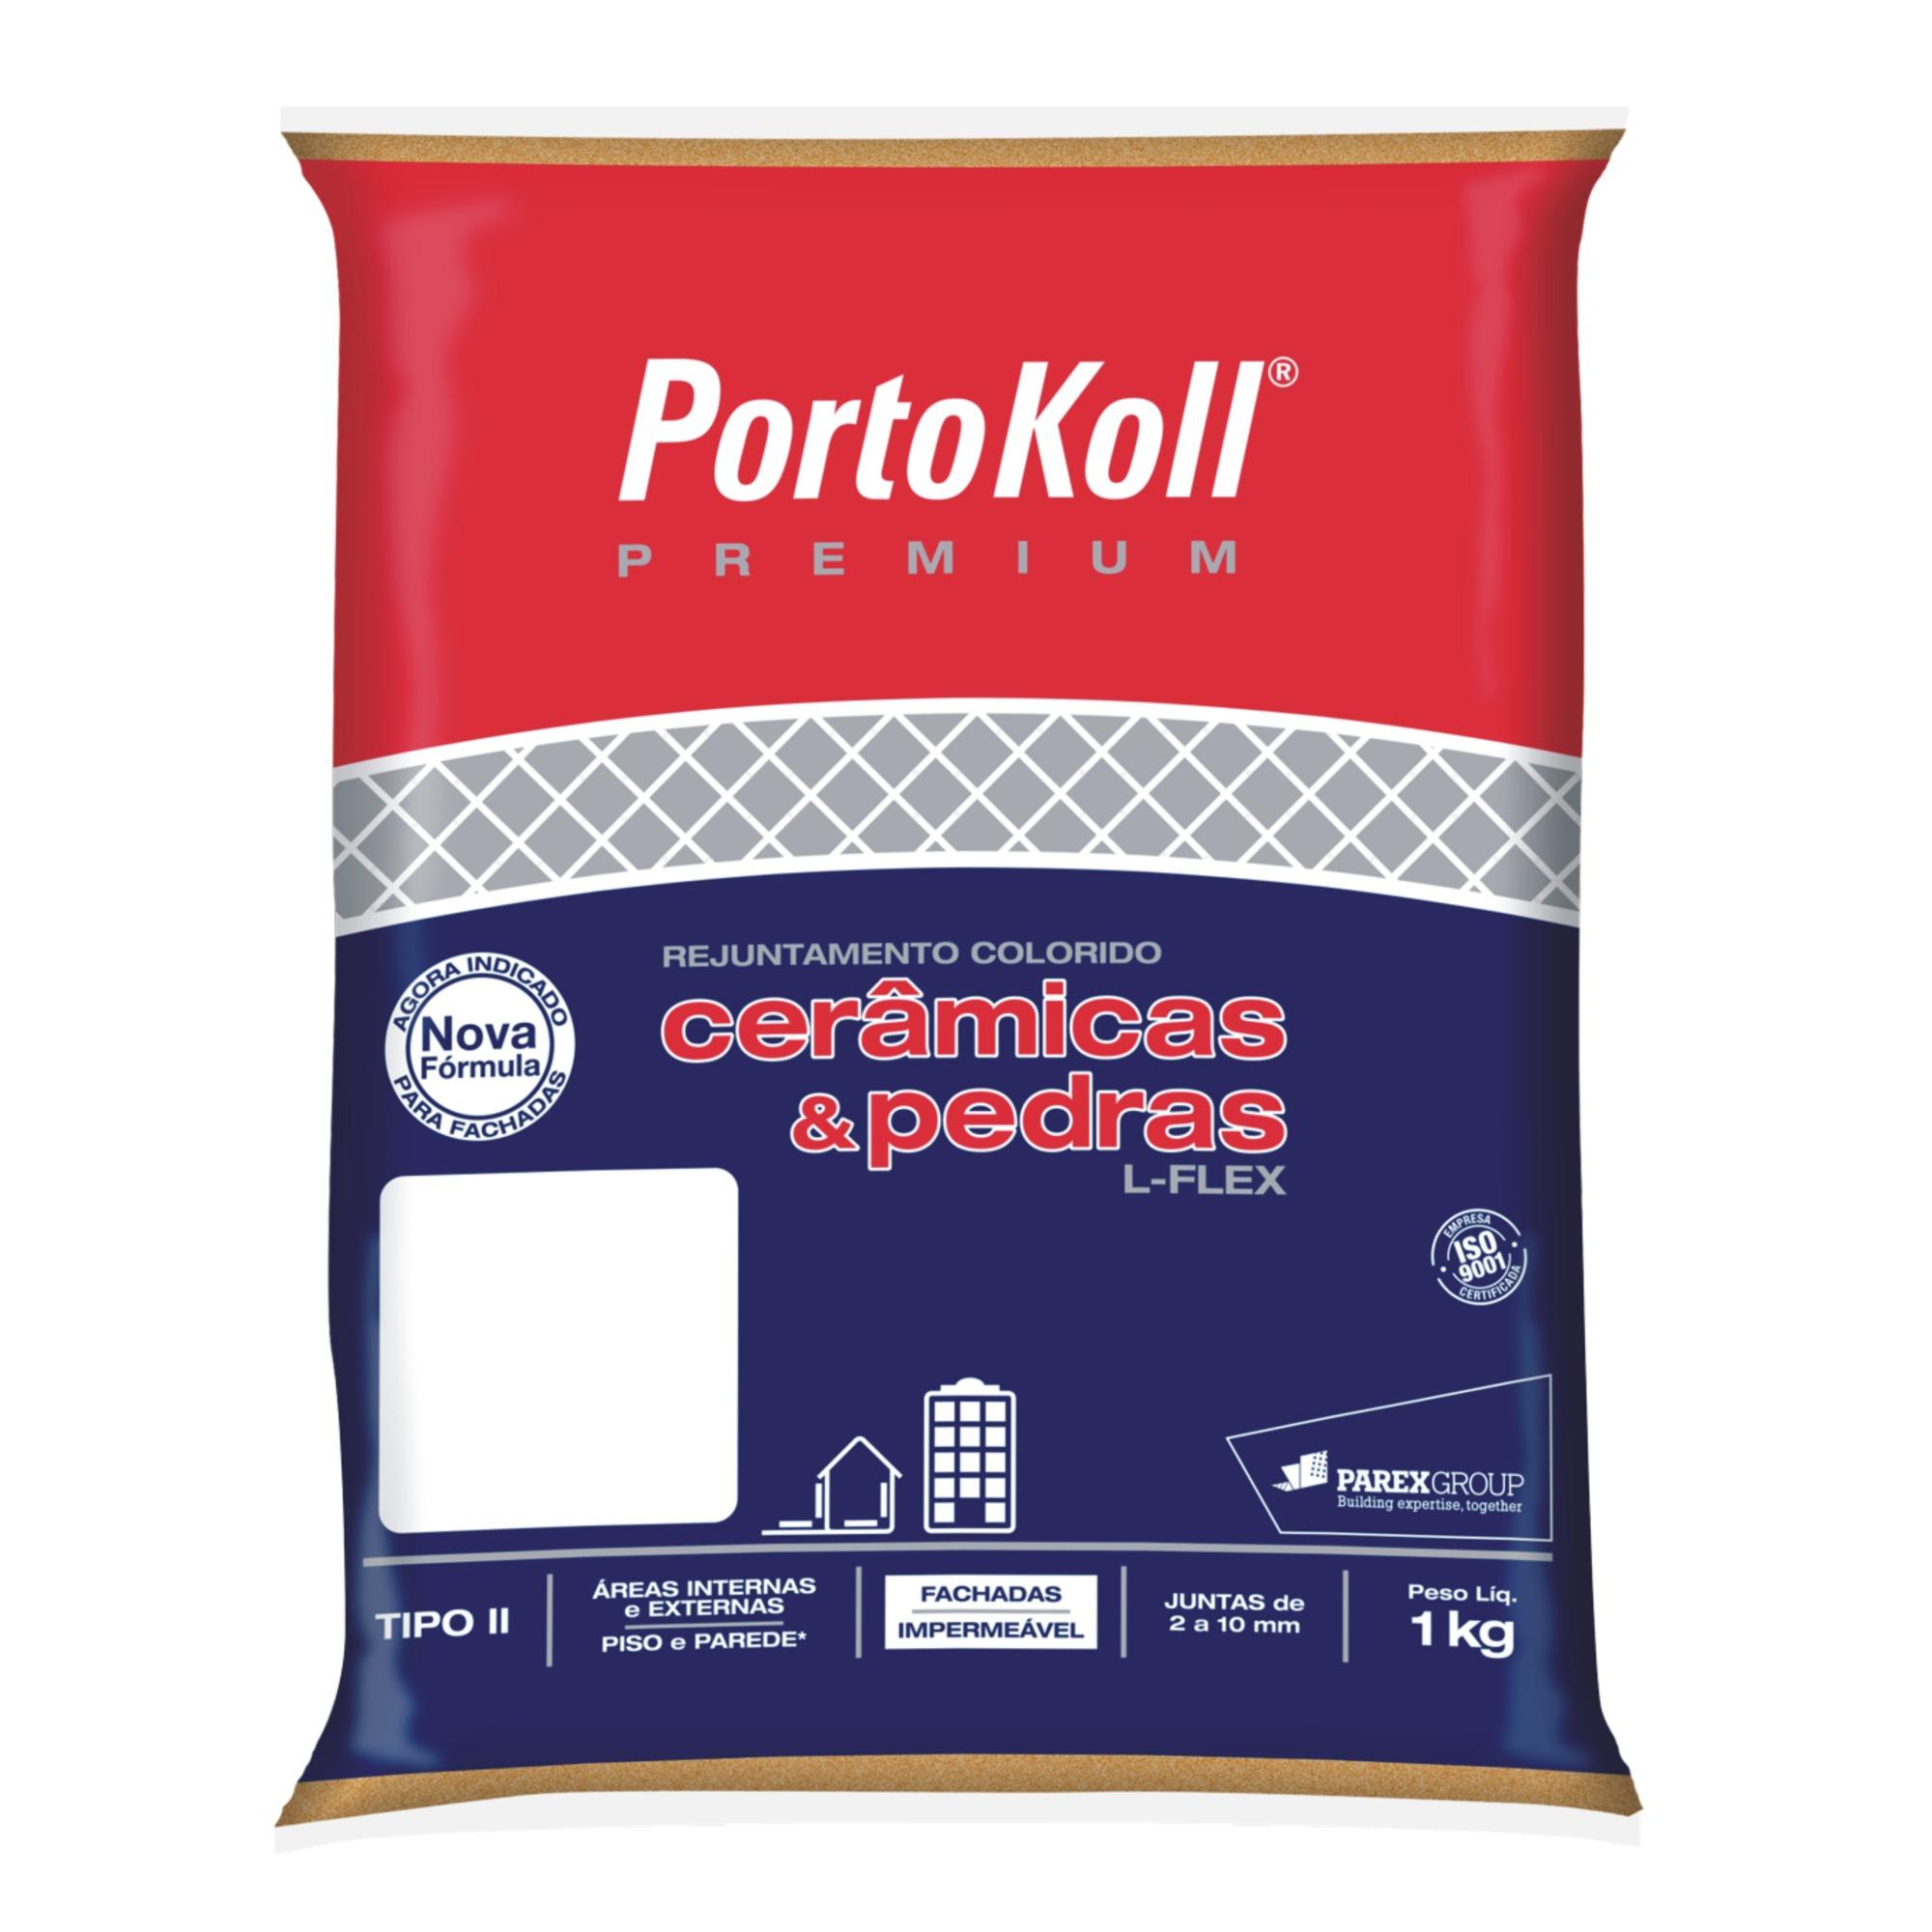 Rejunte L-Flex Cinza Artico Saco1kg - PortoKoll